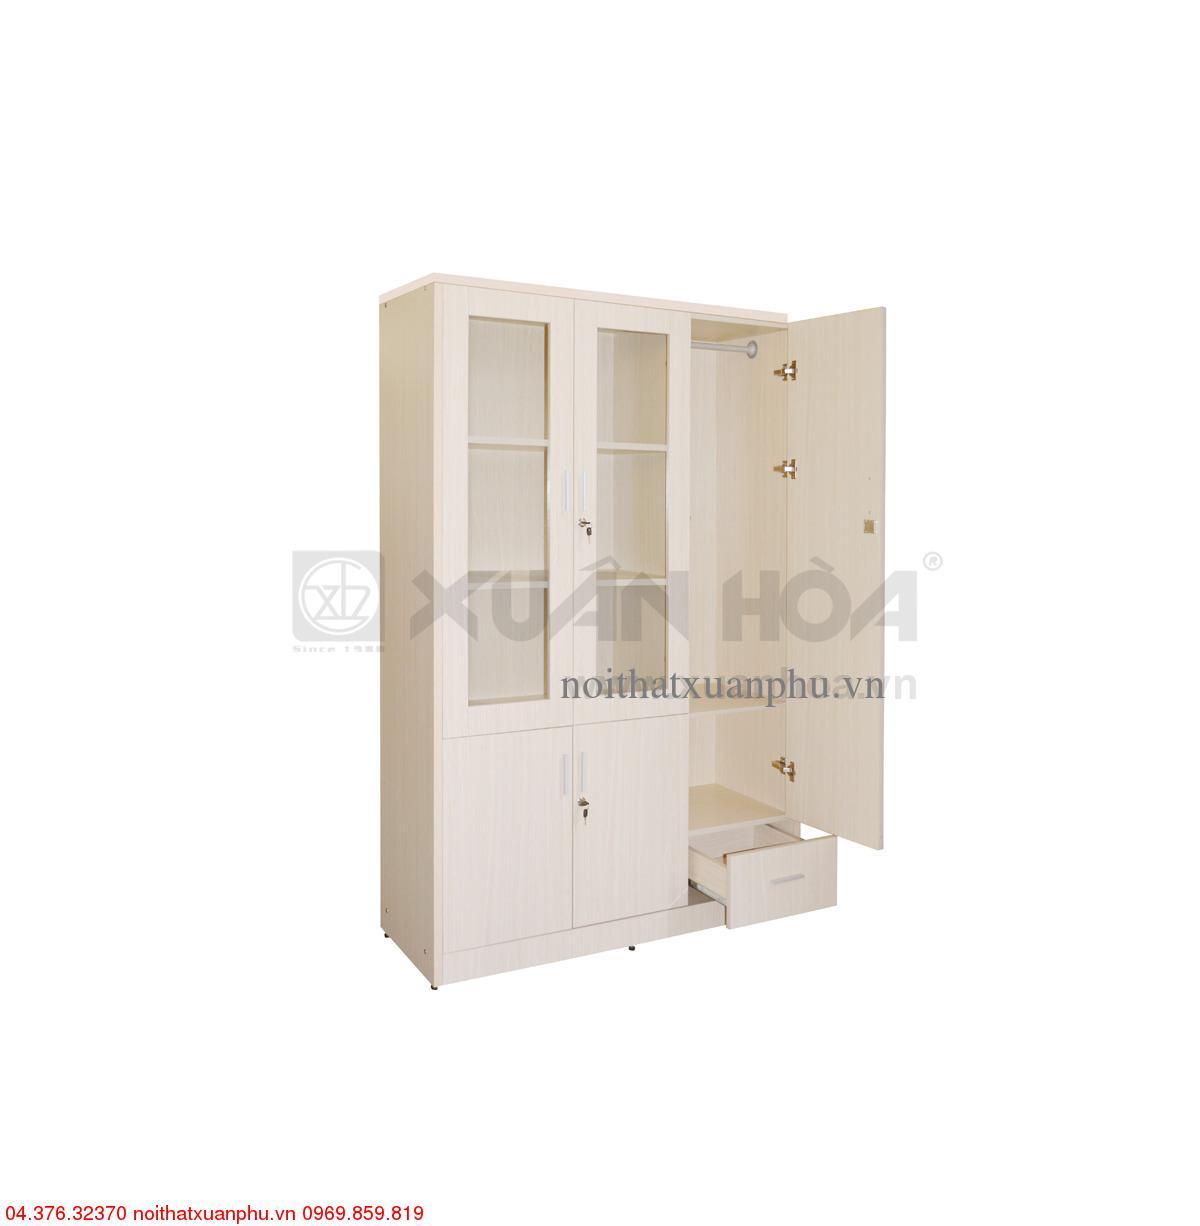 Hình ảnh sản phẩm Tủ gỗ TG16